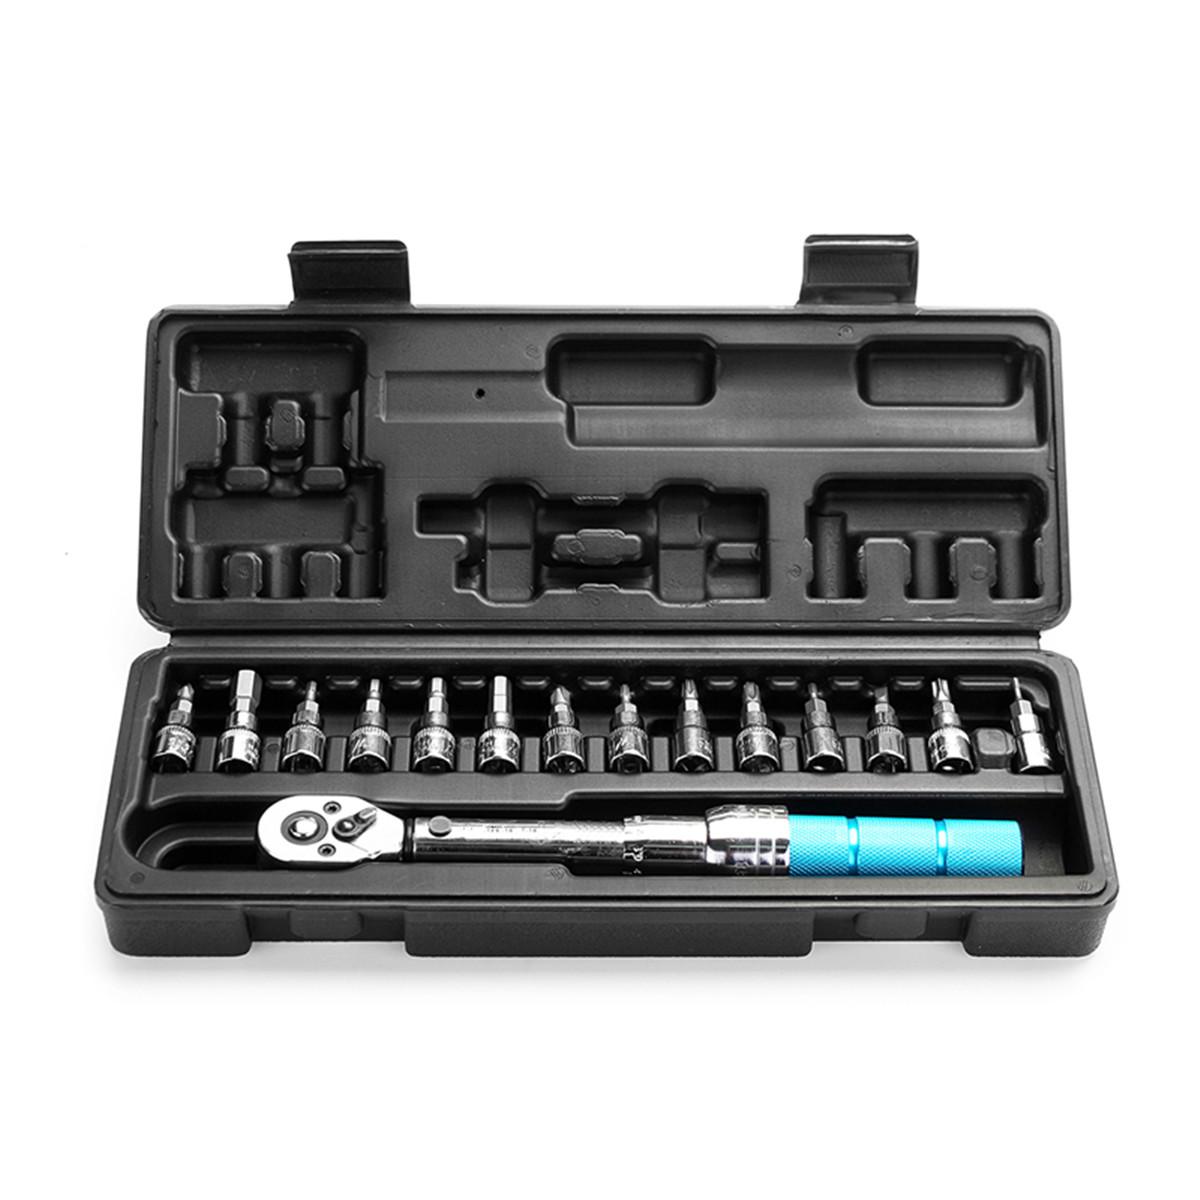 15pcs Torque Wrench Allen Key Tool Screwdriver Drive Socket Bit Set